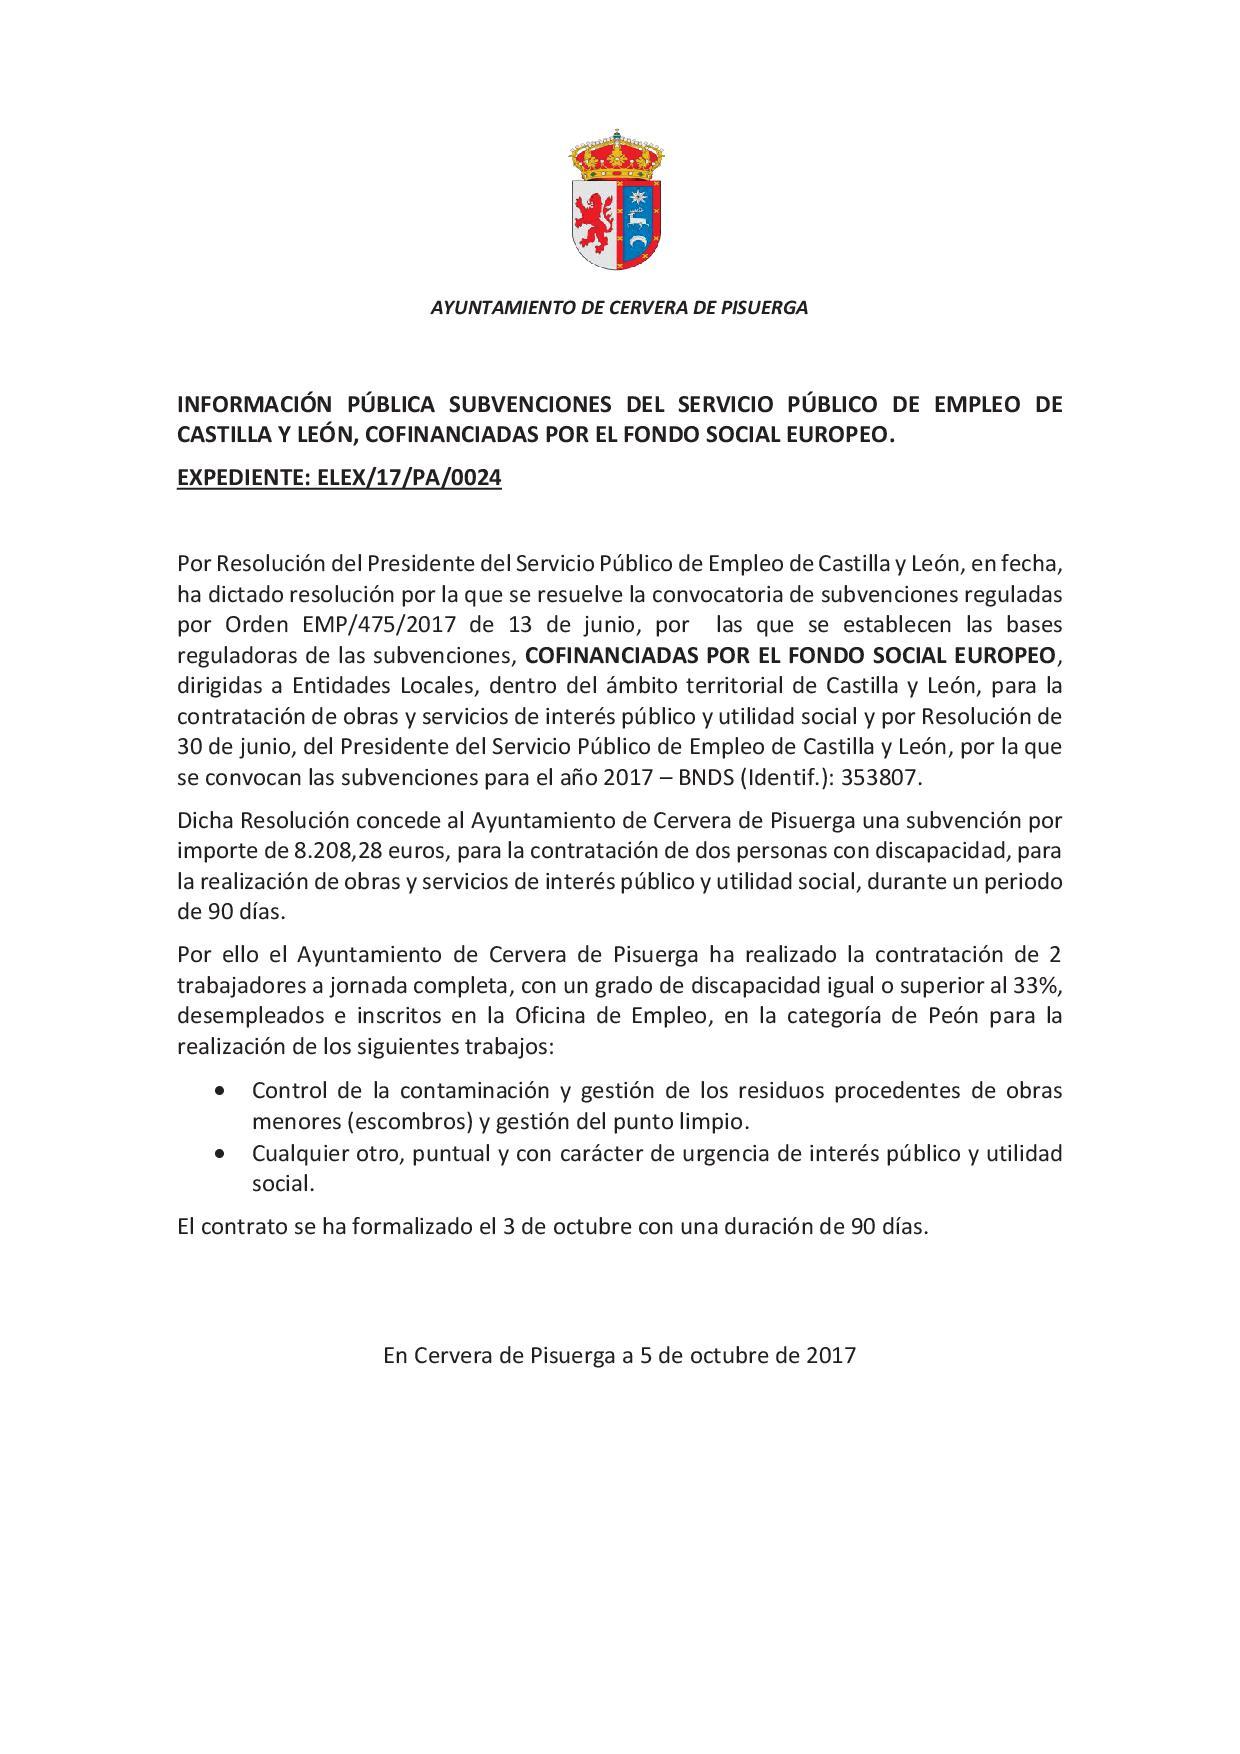 Información pública Subvención del Servicio Público de Empleo confinanciada por el Fondo Social Europeo